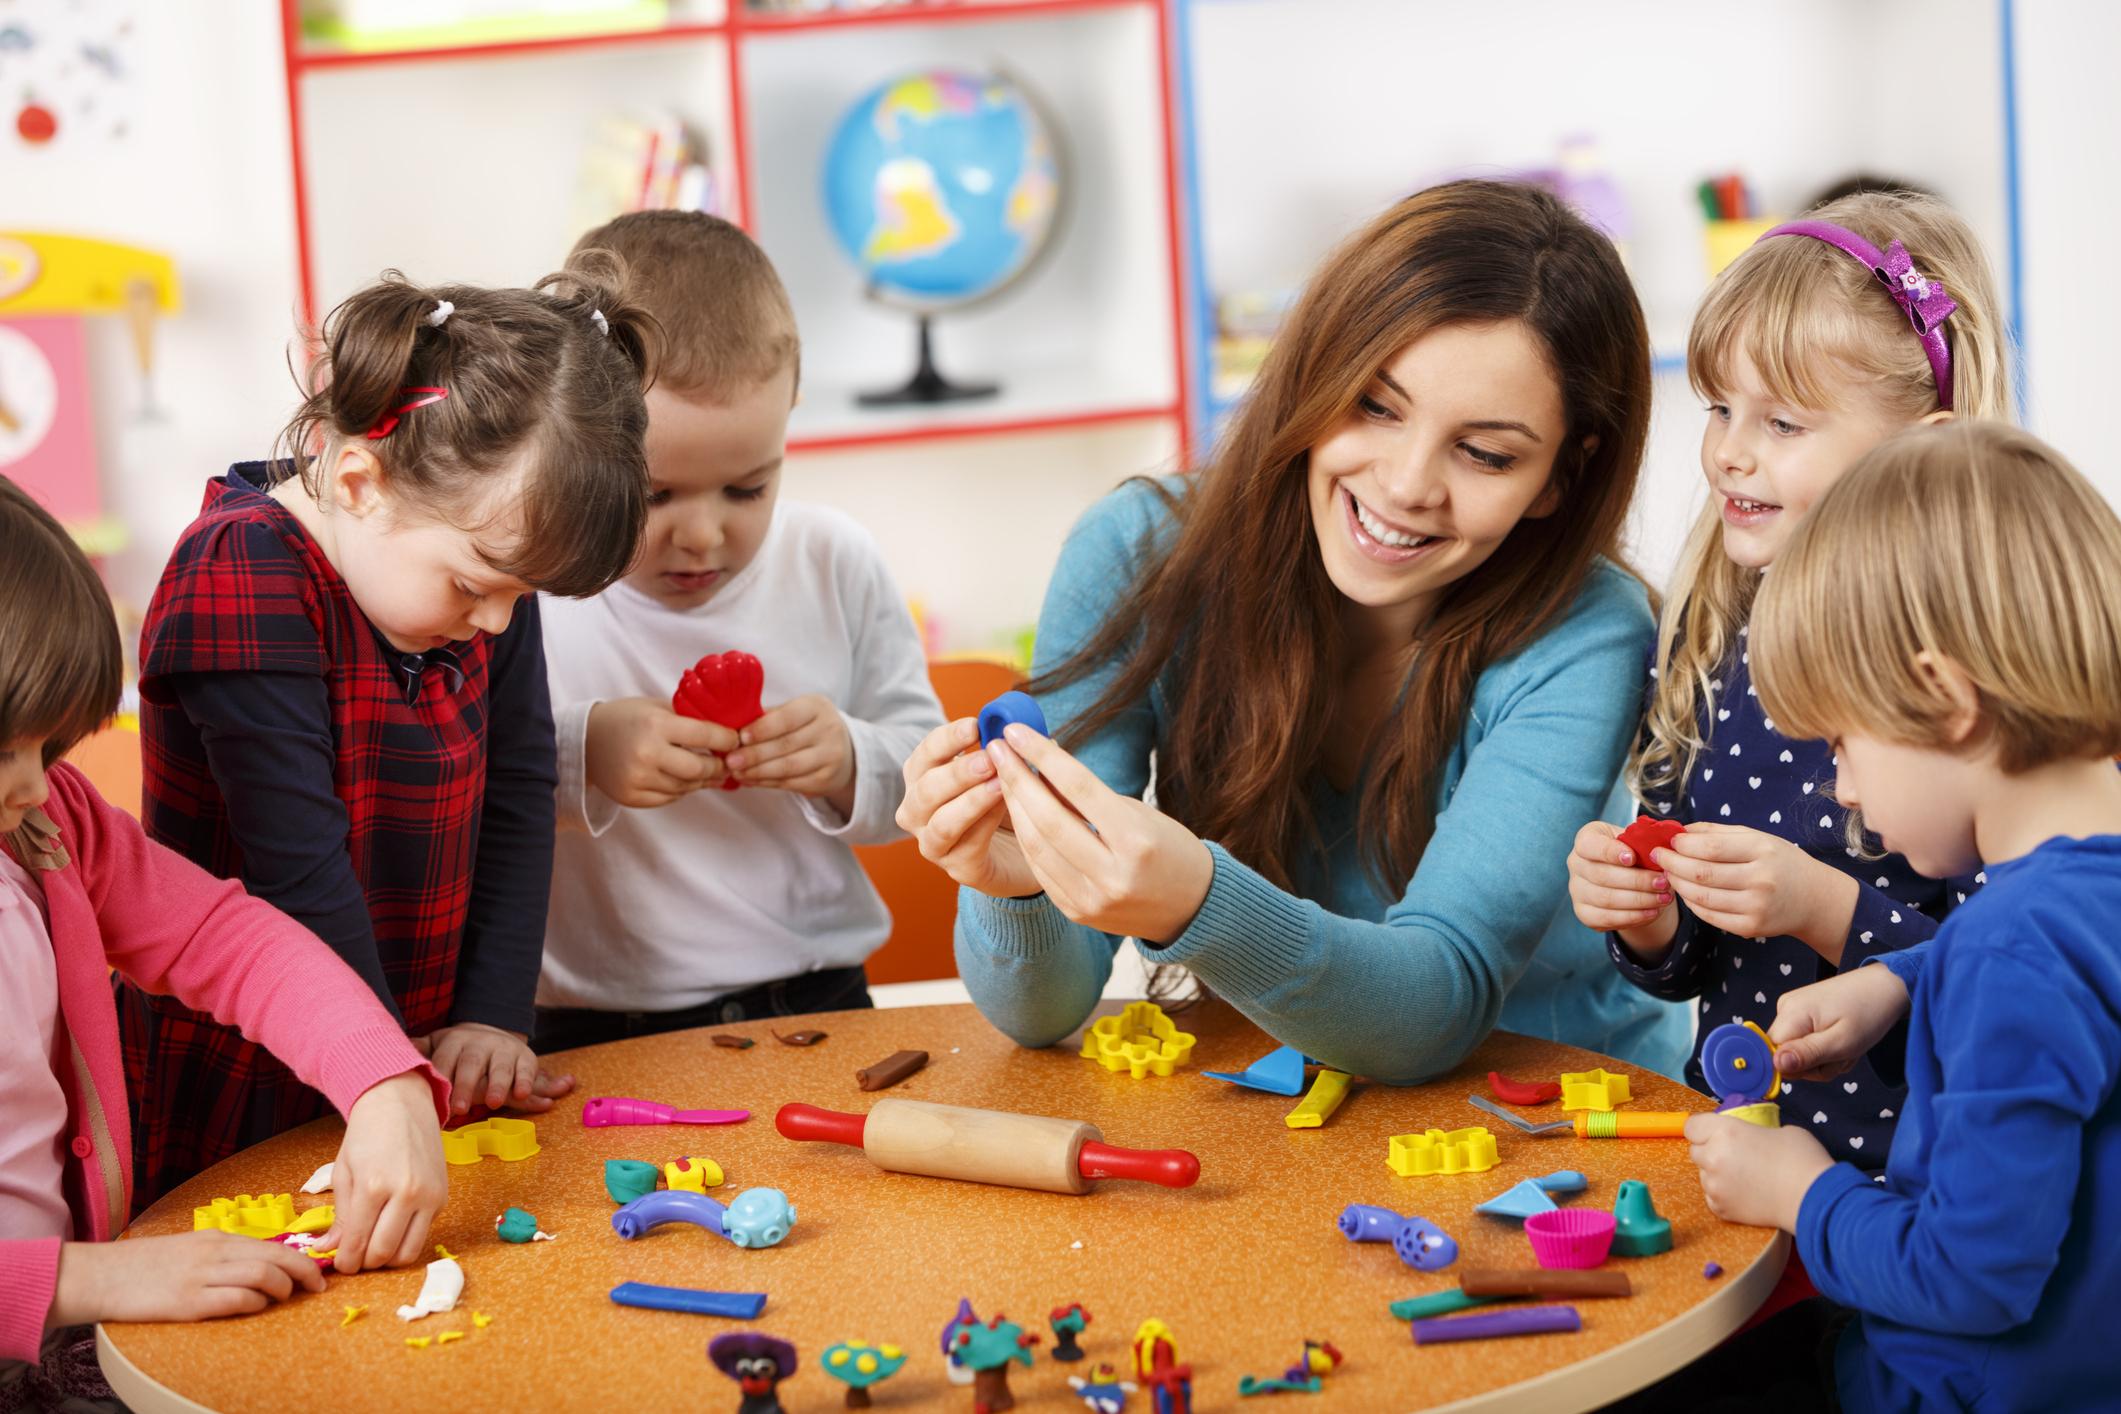 Các trung tâm tiếng Anh cho trẻ em có chất lượng tốt thường kết hợp đa dạng những phương pháp giảng dạy mới lạ và hiệu quả